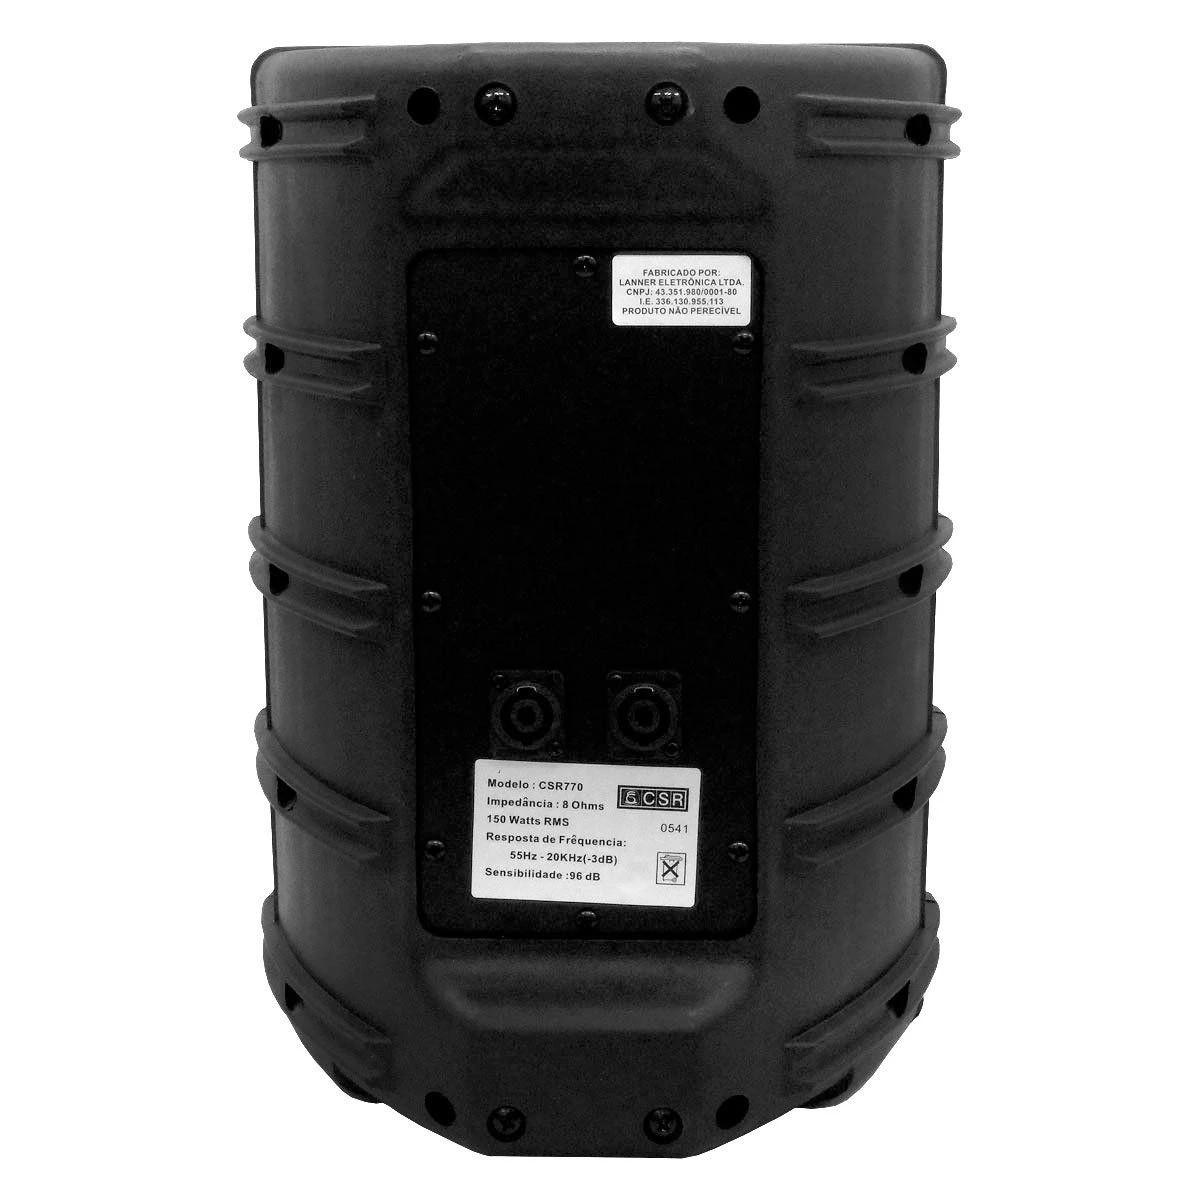 Caixa Acústica Passiva 8 Polegadas 150w Rms CSR 770